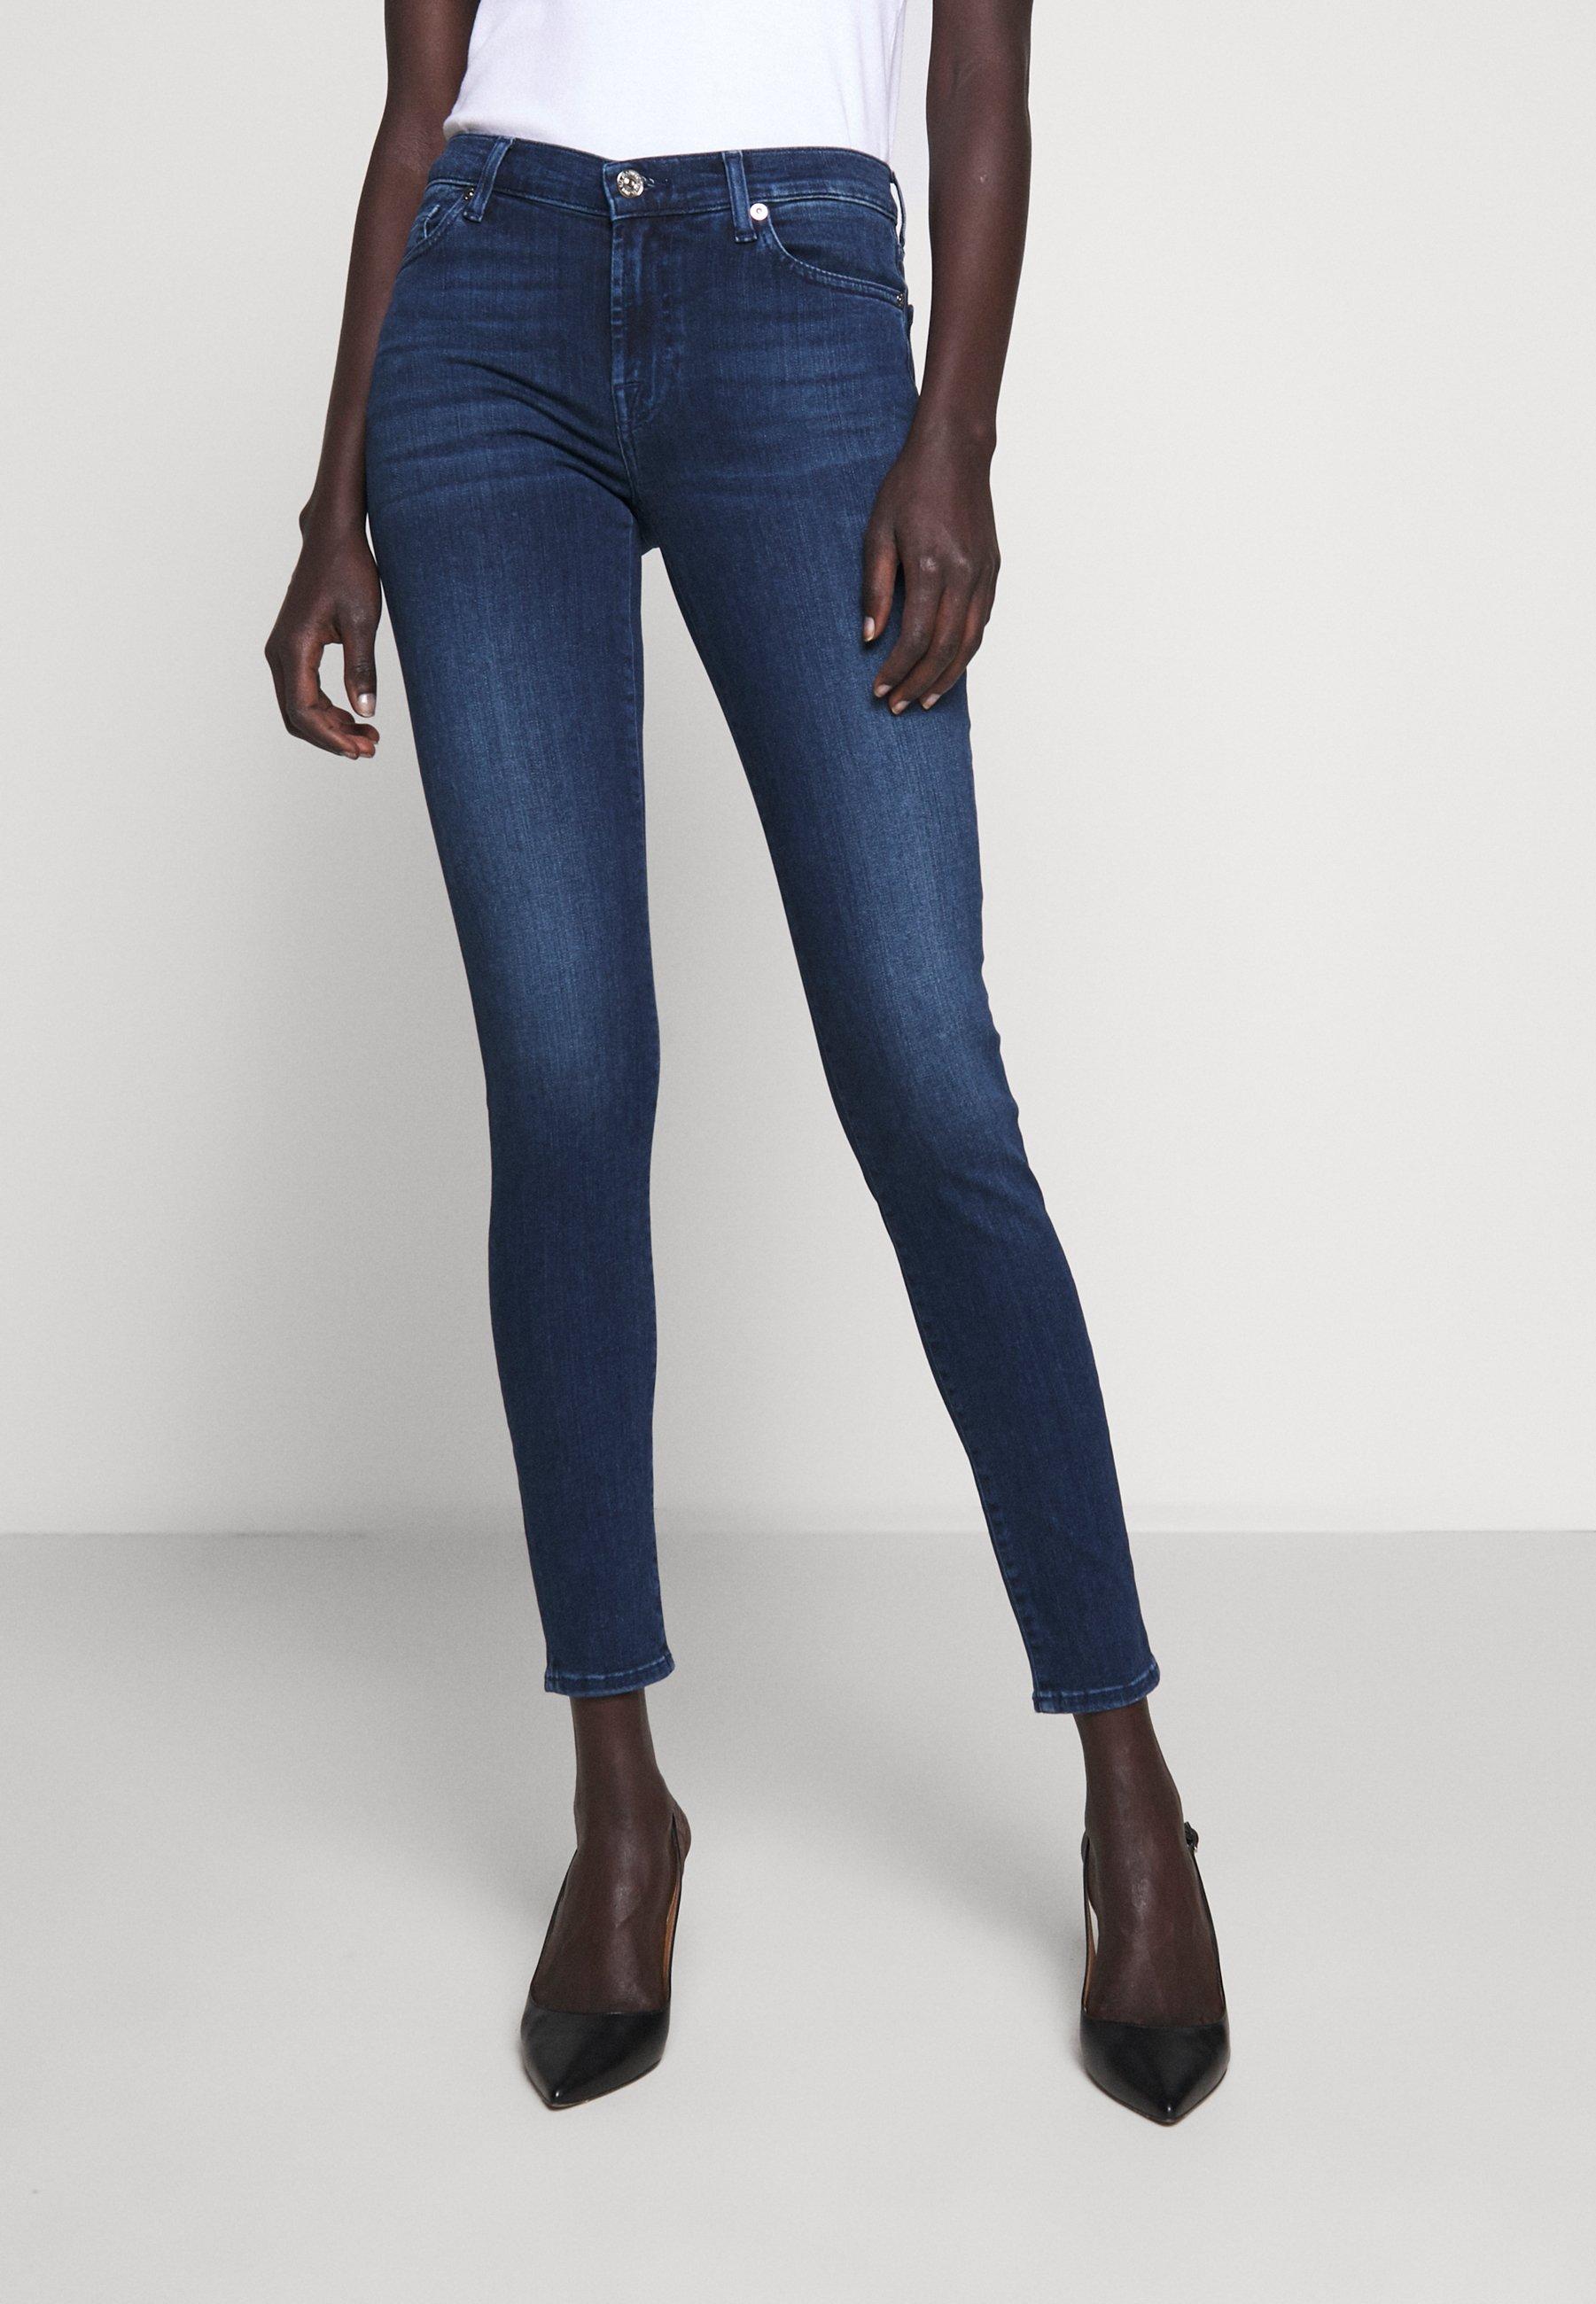 Ekskluzywne i markowe jeansy damskie Proenza Schouler w